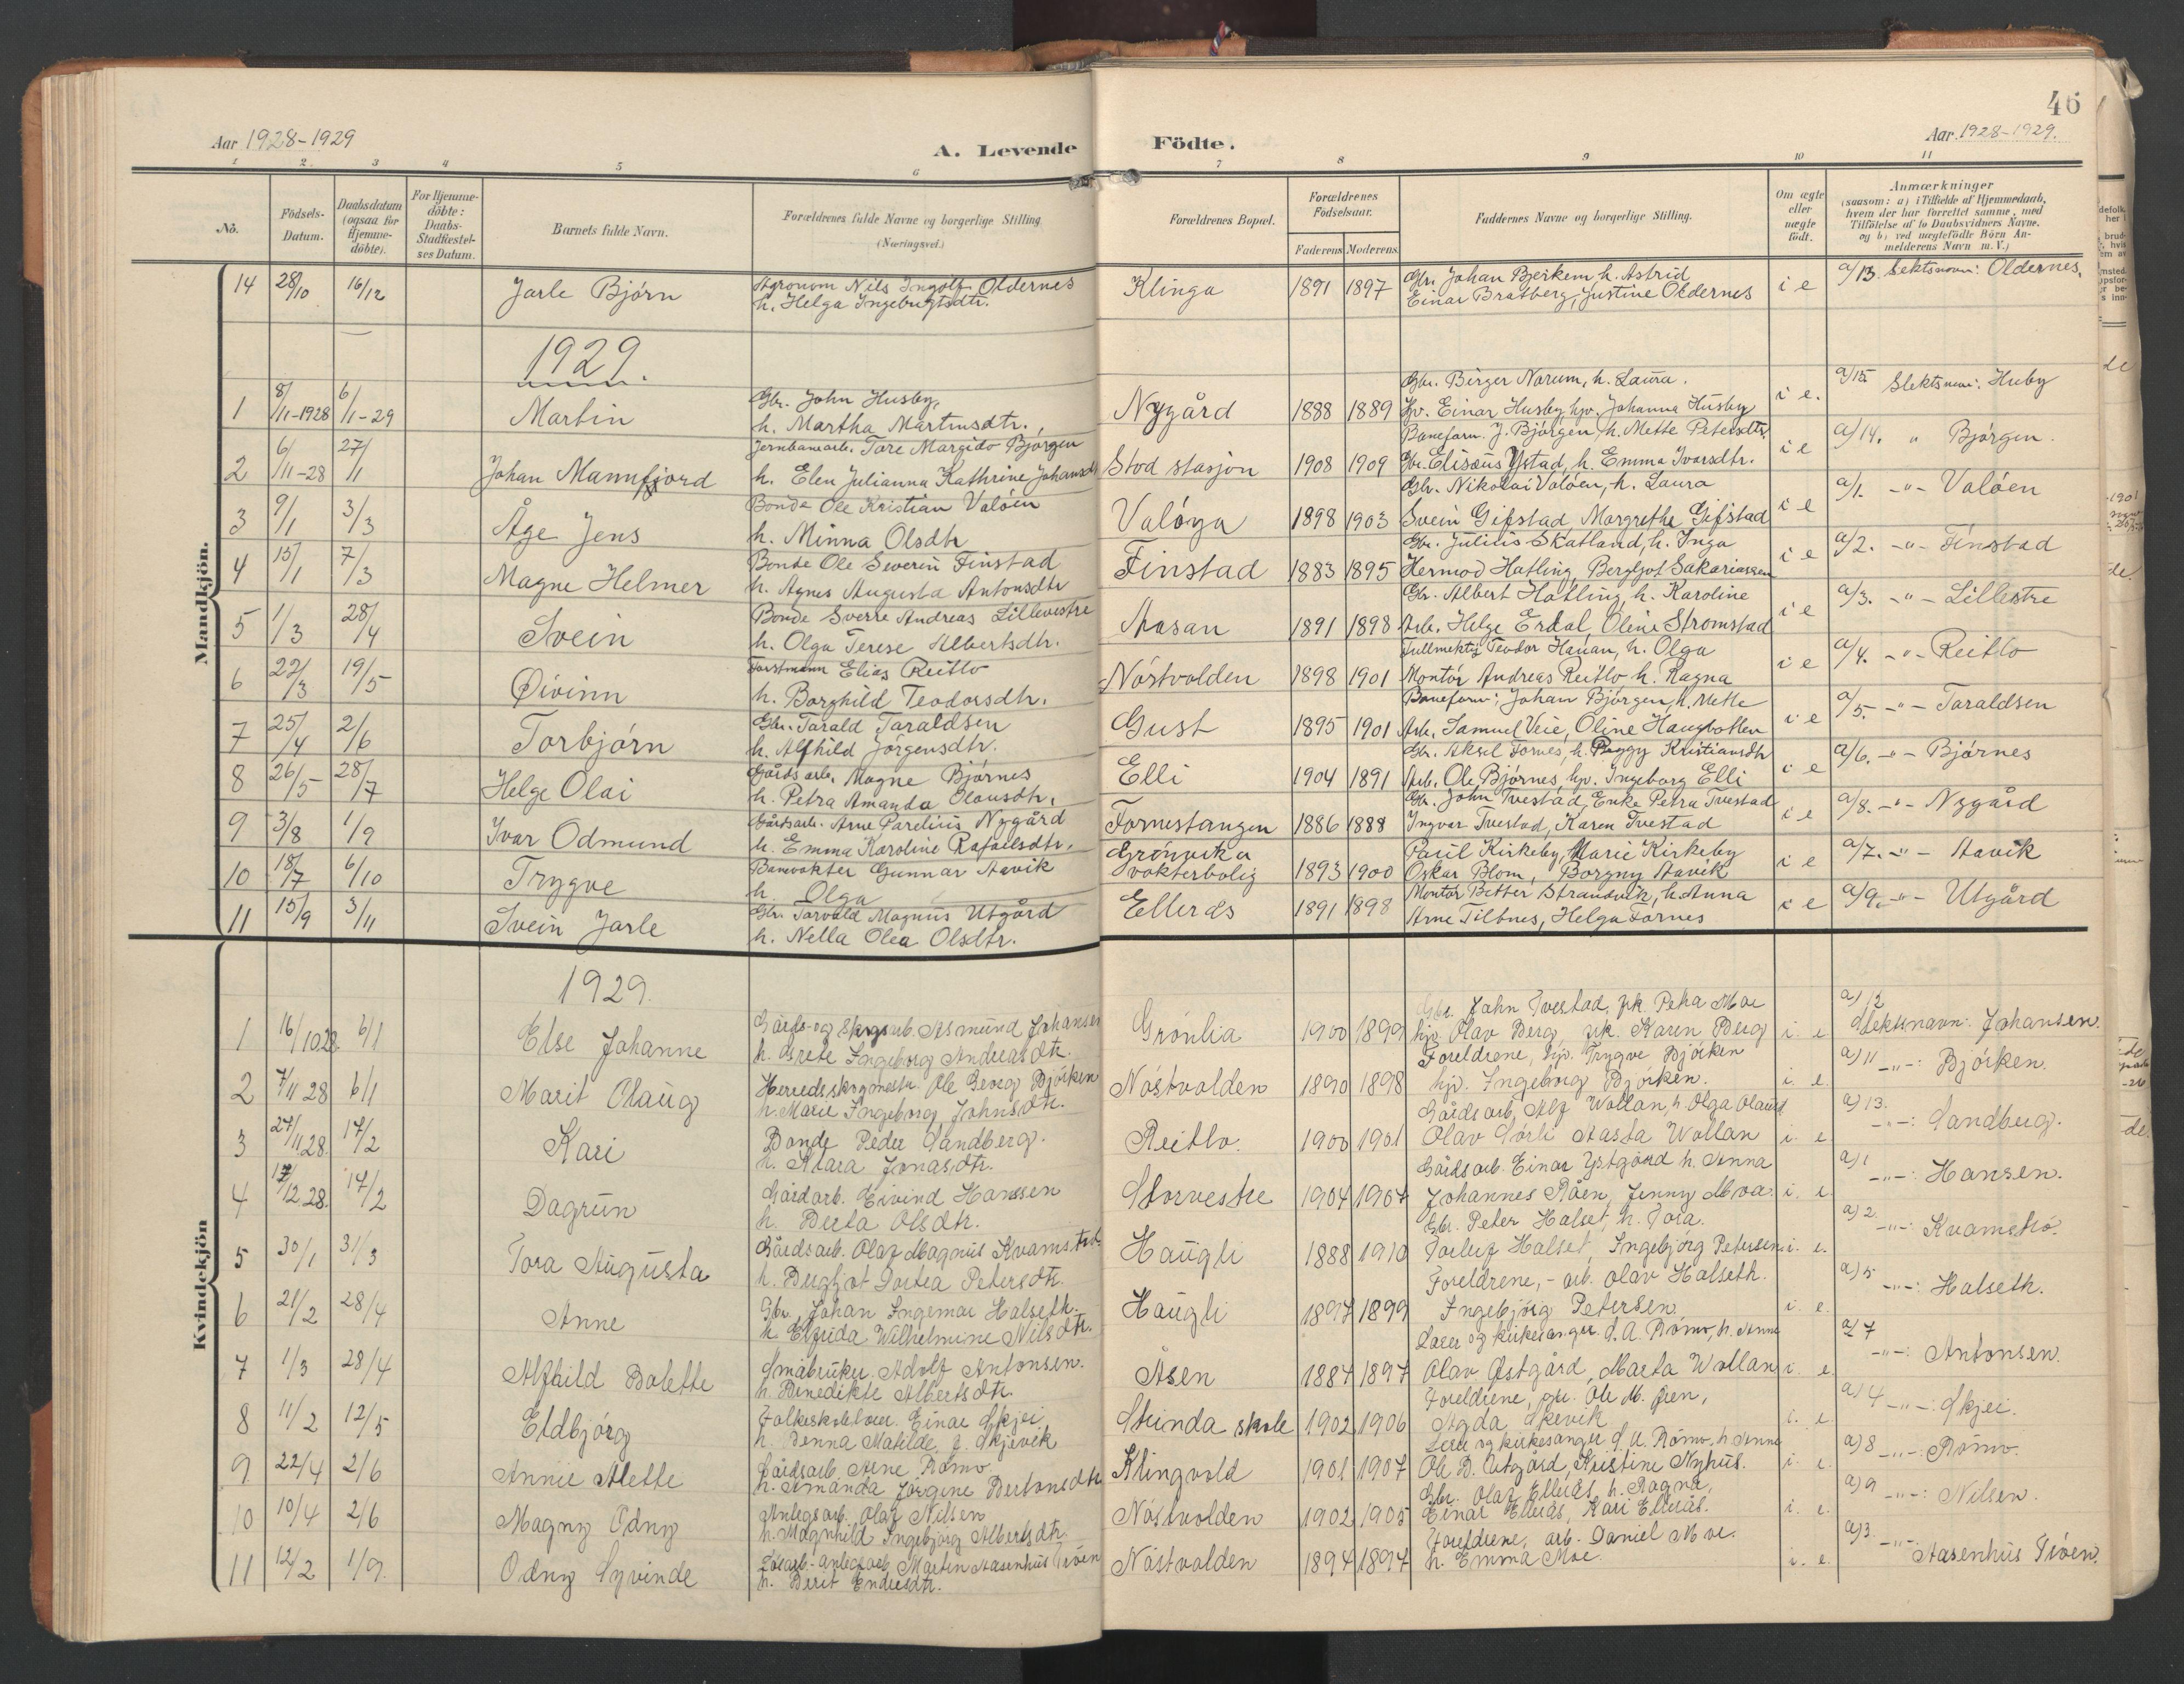 SAT, Ministerialprotokoller, klokkerbøker og fødselsregistre - Nord-Trøndelag, 746/L0455: Klokkerbok nr. 746C01, 1908-1933, s. 46